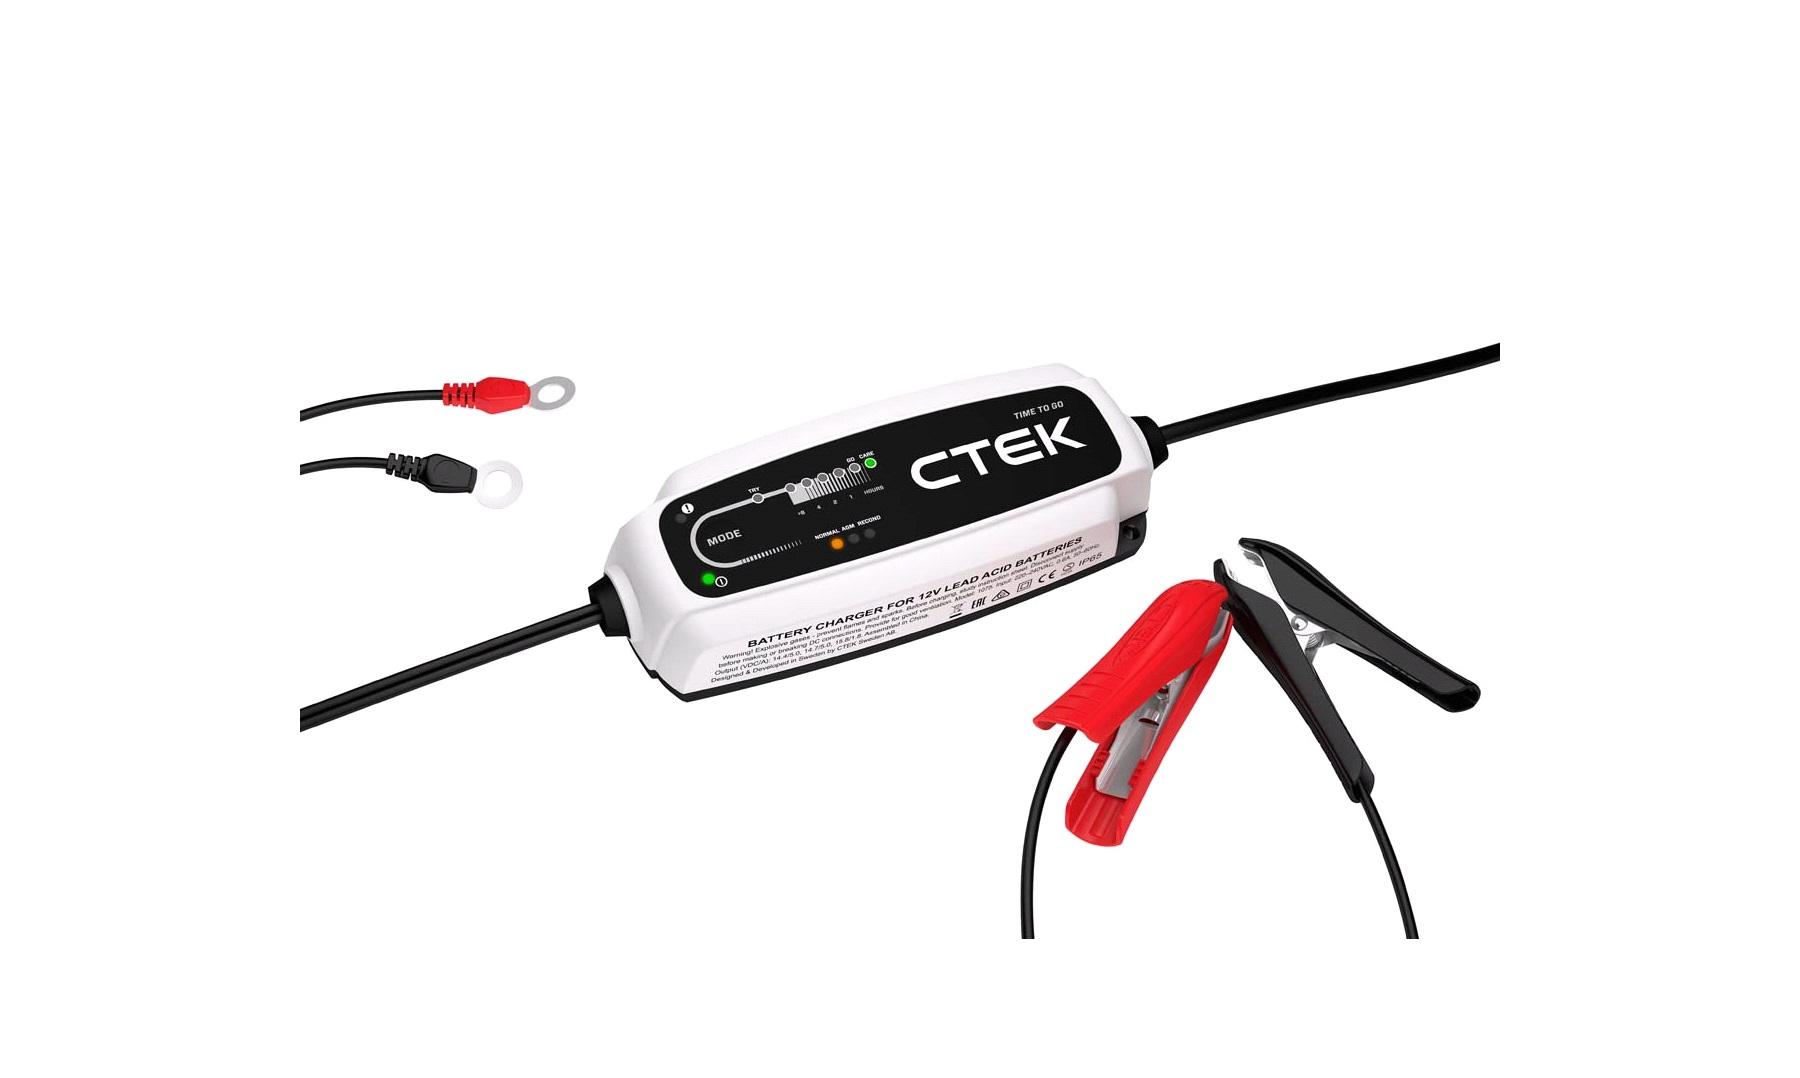 Batterilader CTEK CT5 TIME TO GO Batteriladere thansen.no